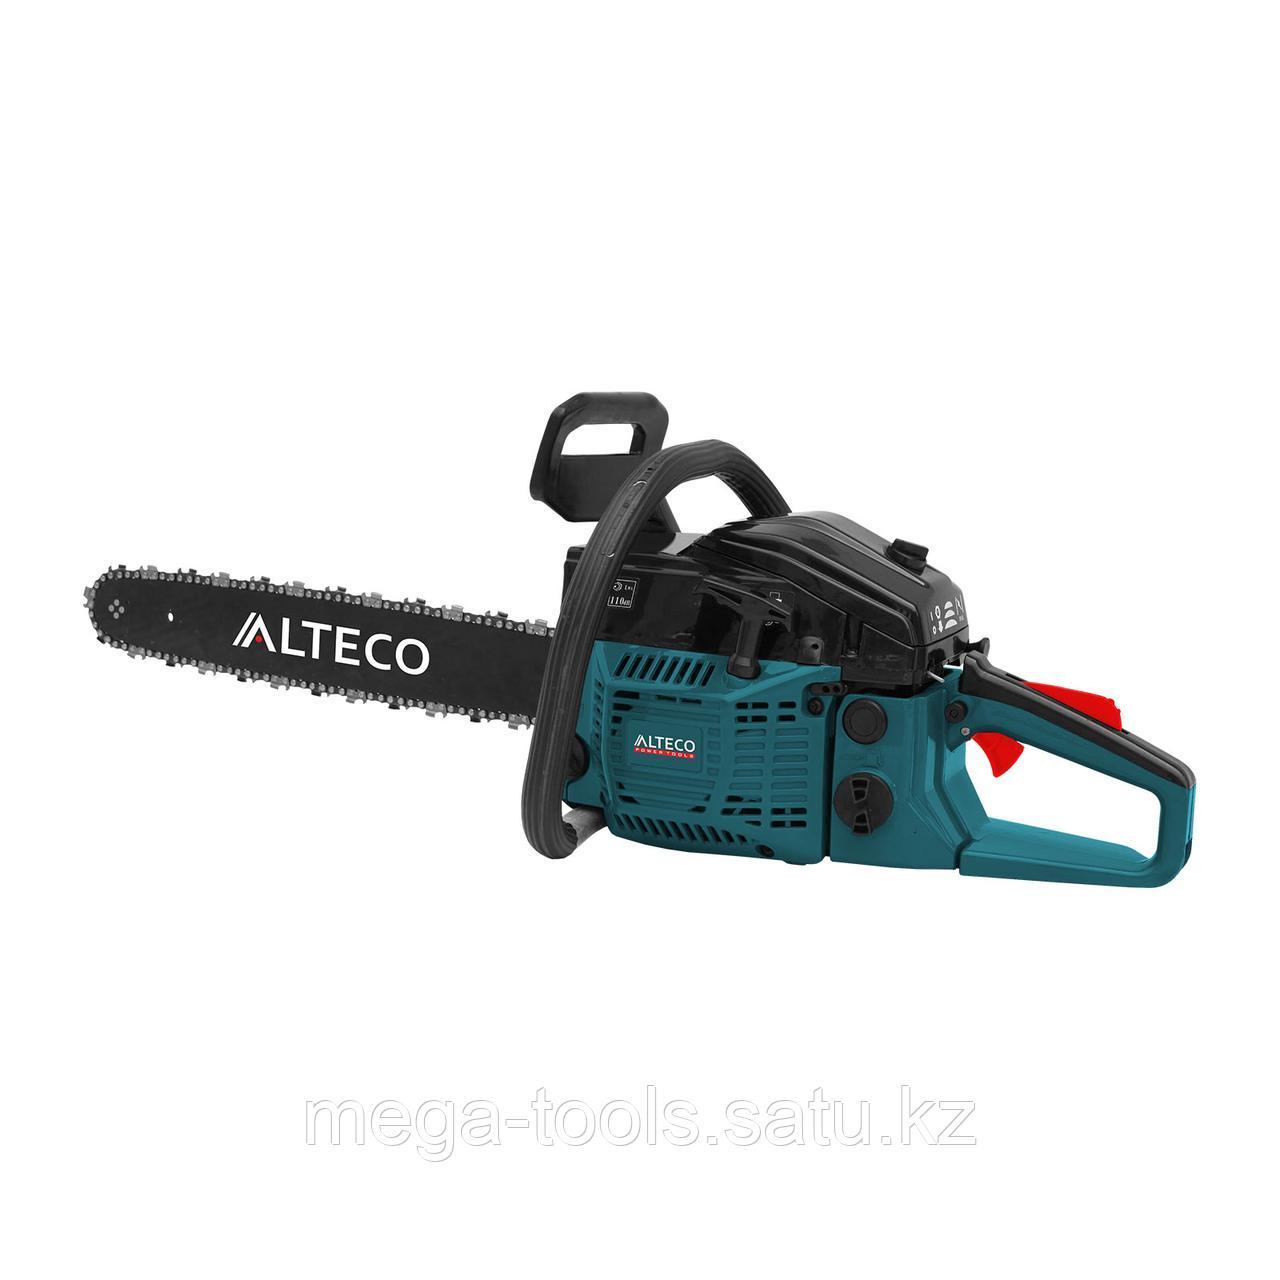 Бензопила ALTECO Promo GCS 2308